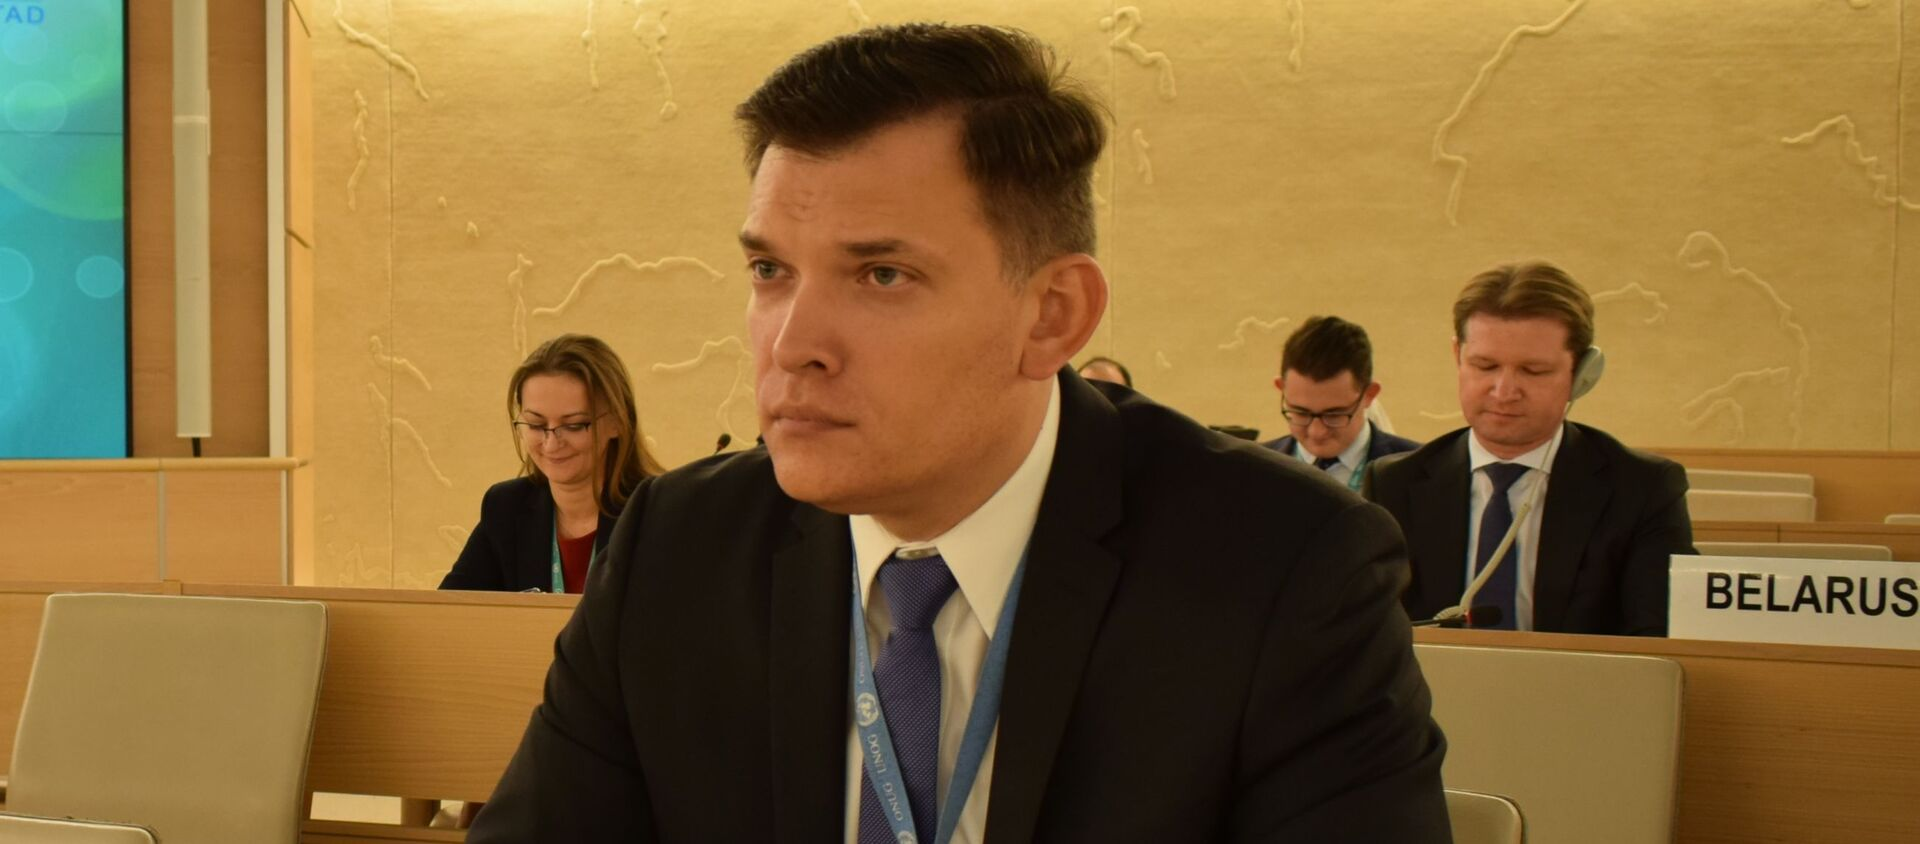 Постоянный представитель Беларуси при отделении ООН в Женеве Юрий Амбразевич  - Sputnik Беларусь, 1920, 17.03.2021